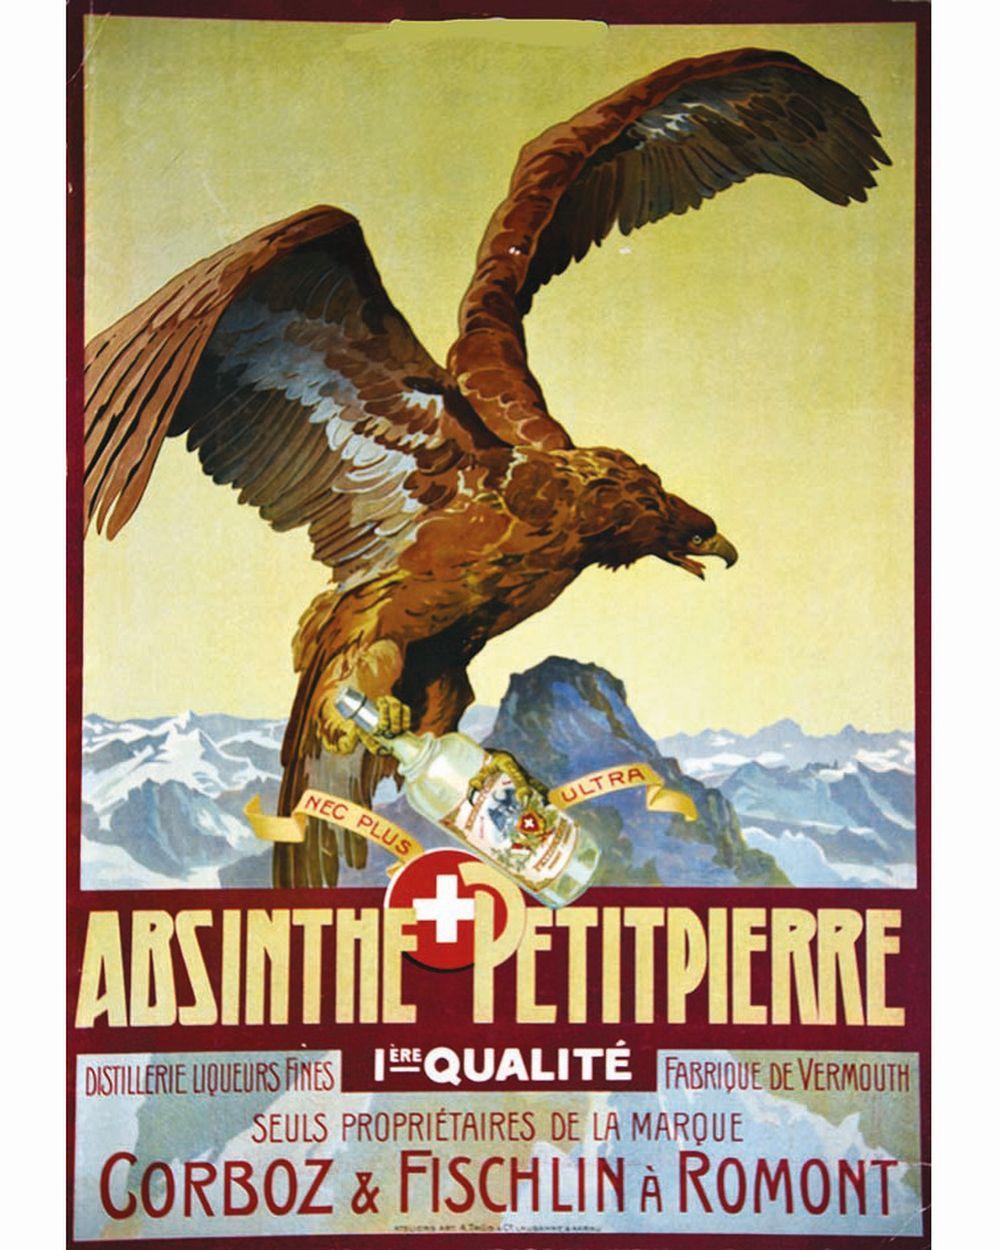 Absinthe Petitpierre Suisse Corboz & Fischlin à Romont Suisse     vers 1900